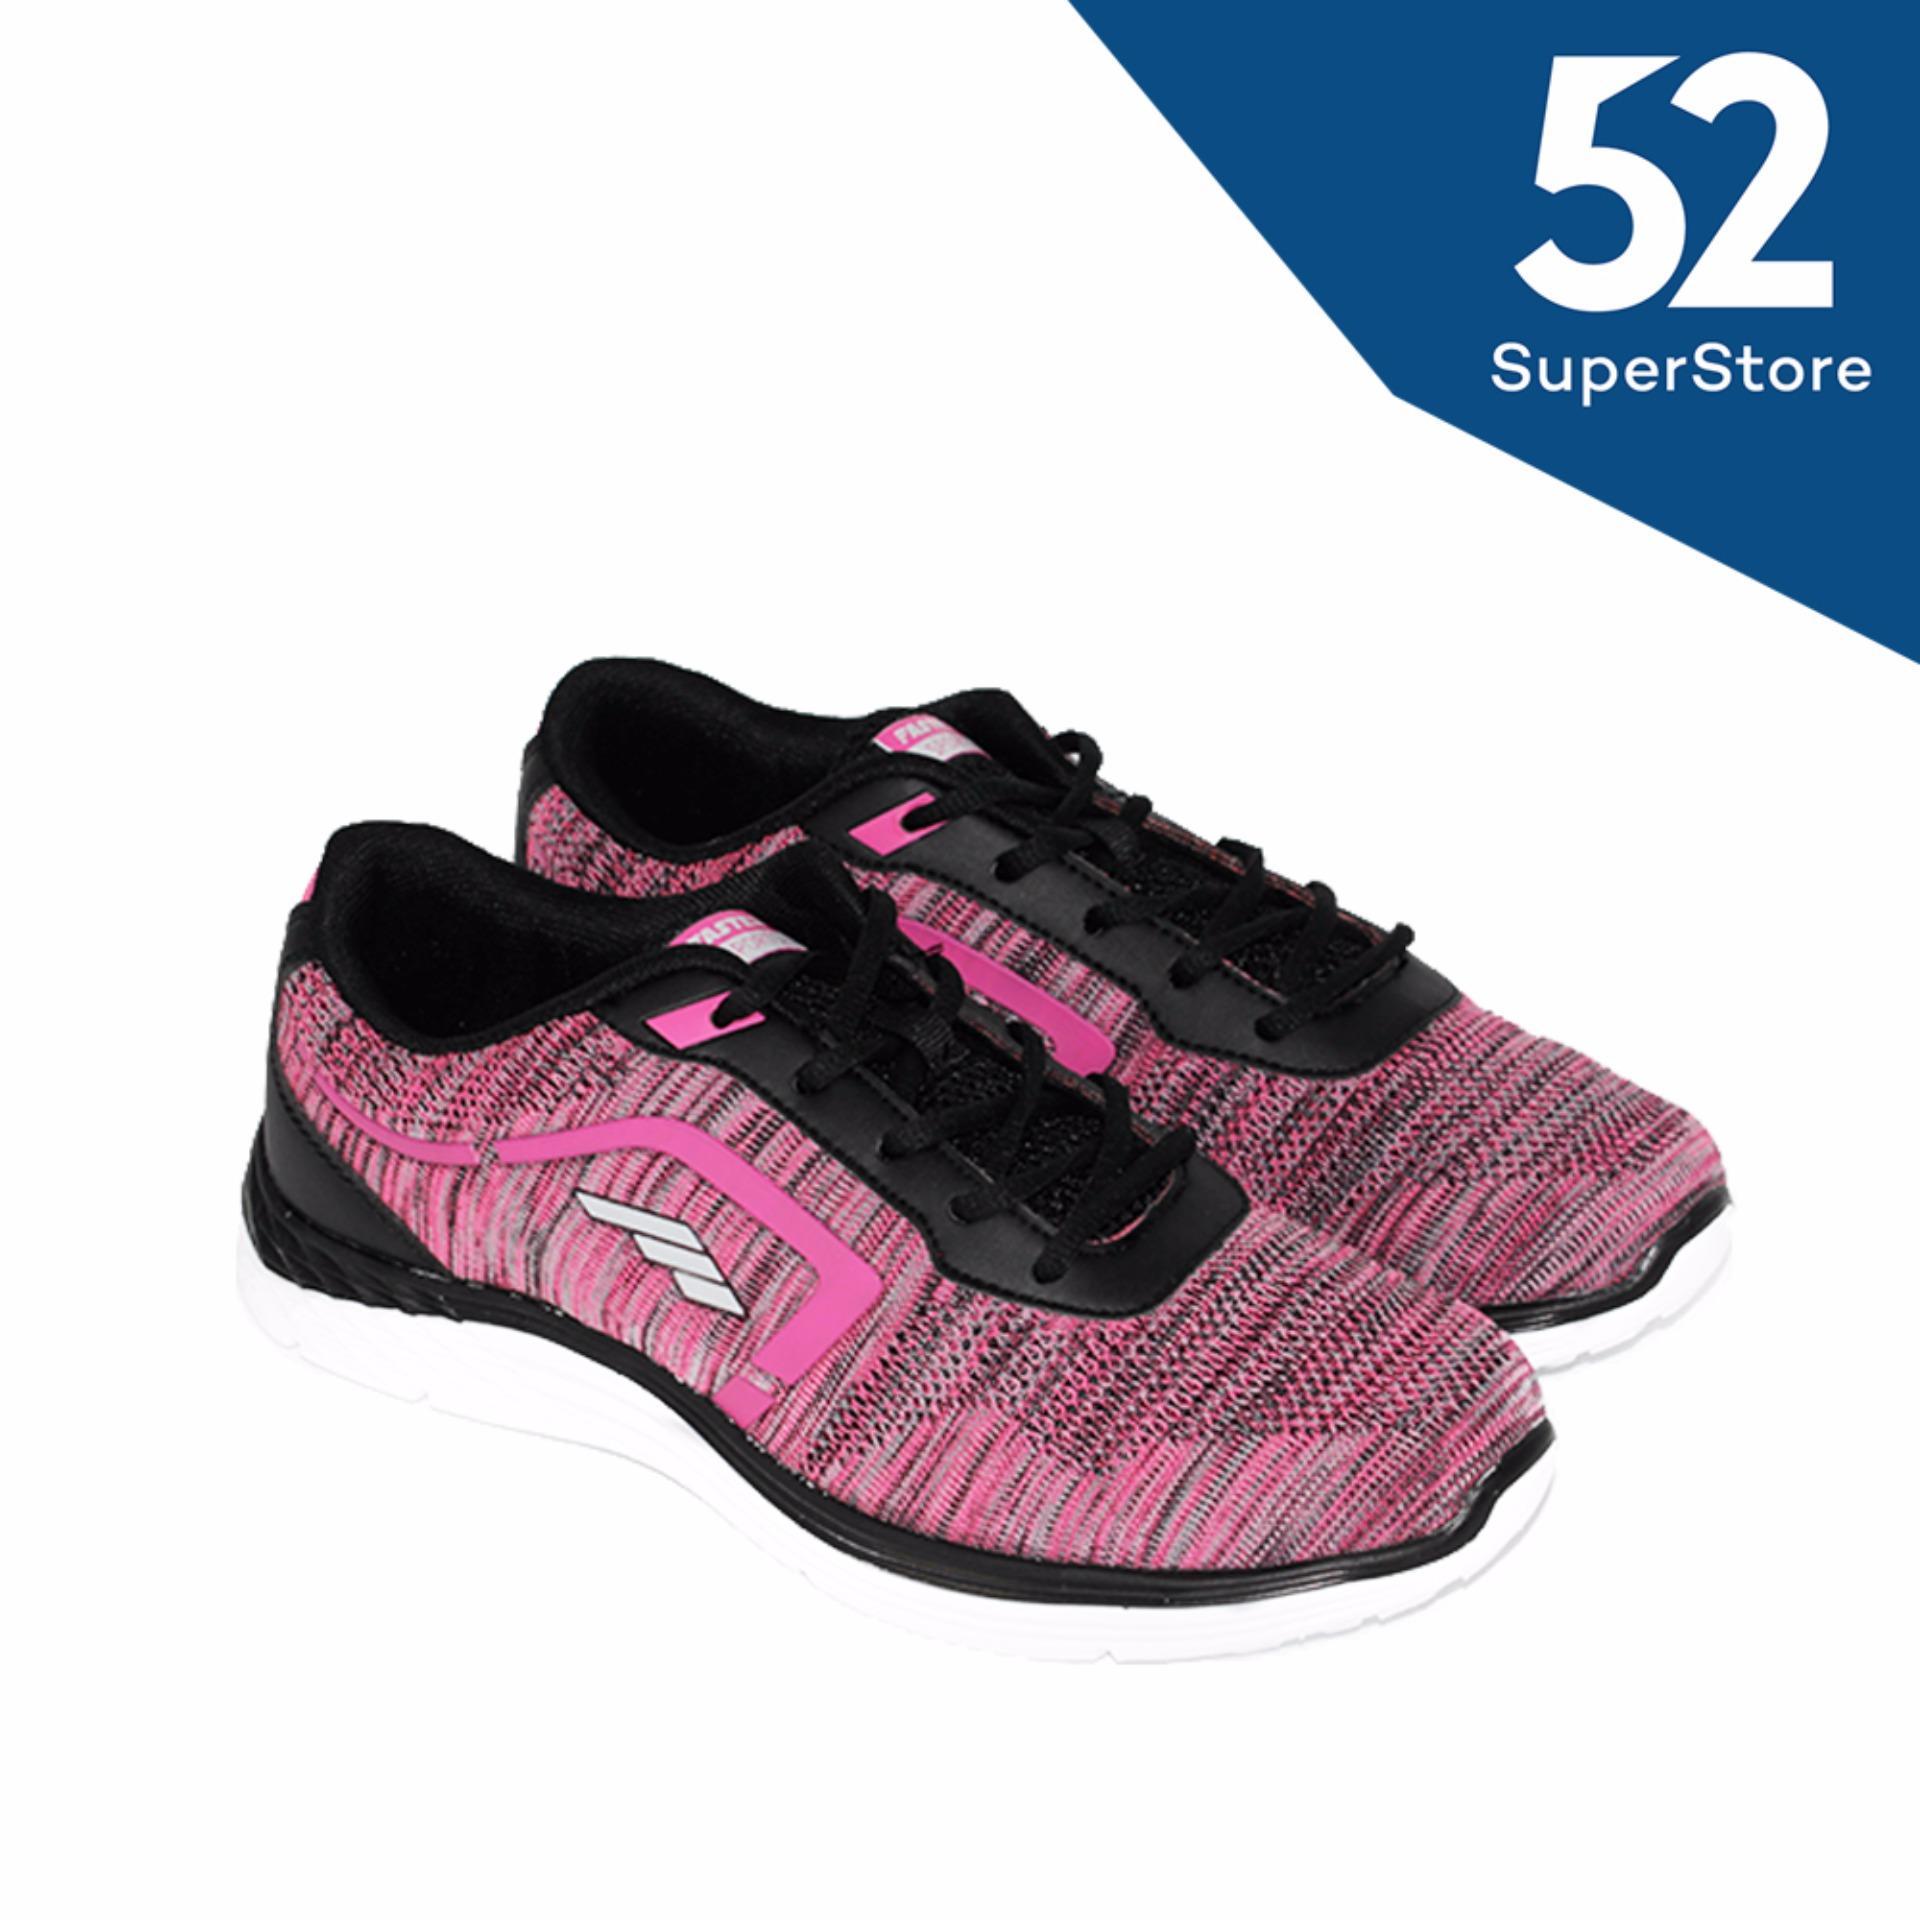 Faster Sepatu Kanvas Wanita 1603 06 Merah Muda Putih Daftar Update Source · Faster Sepatu Sport